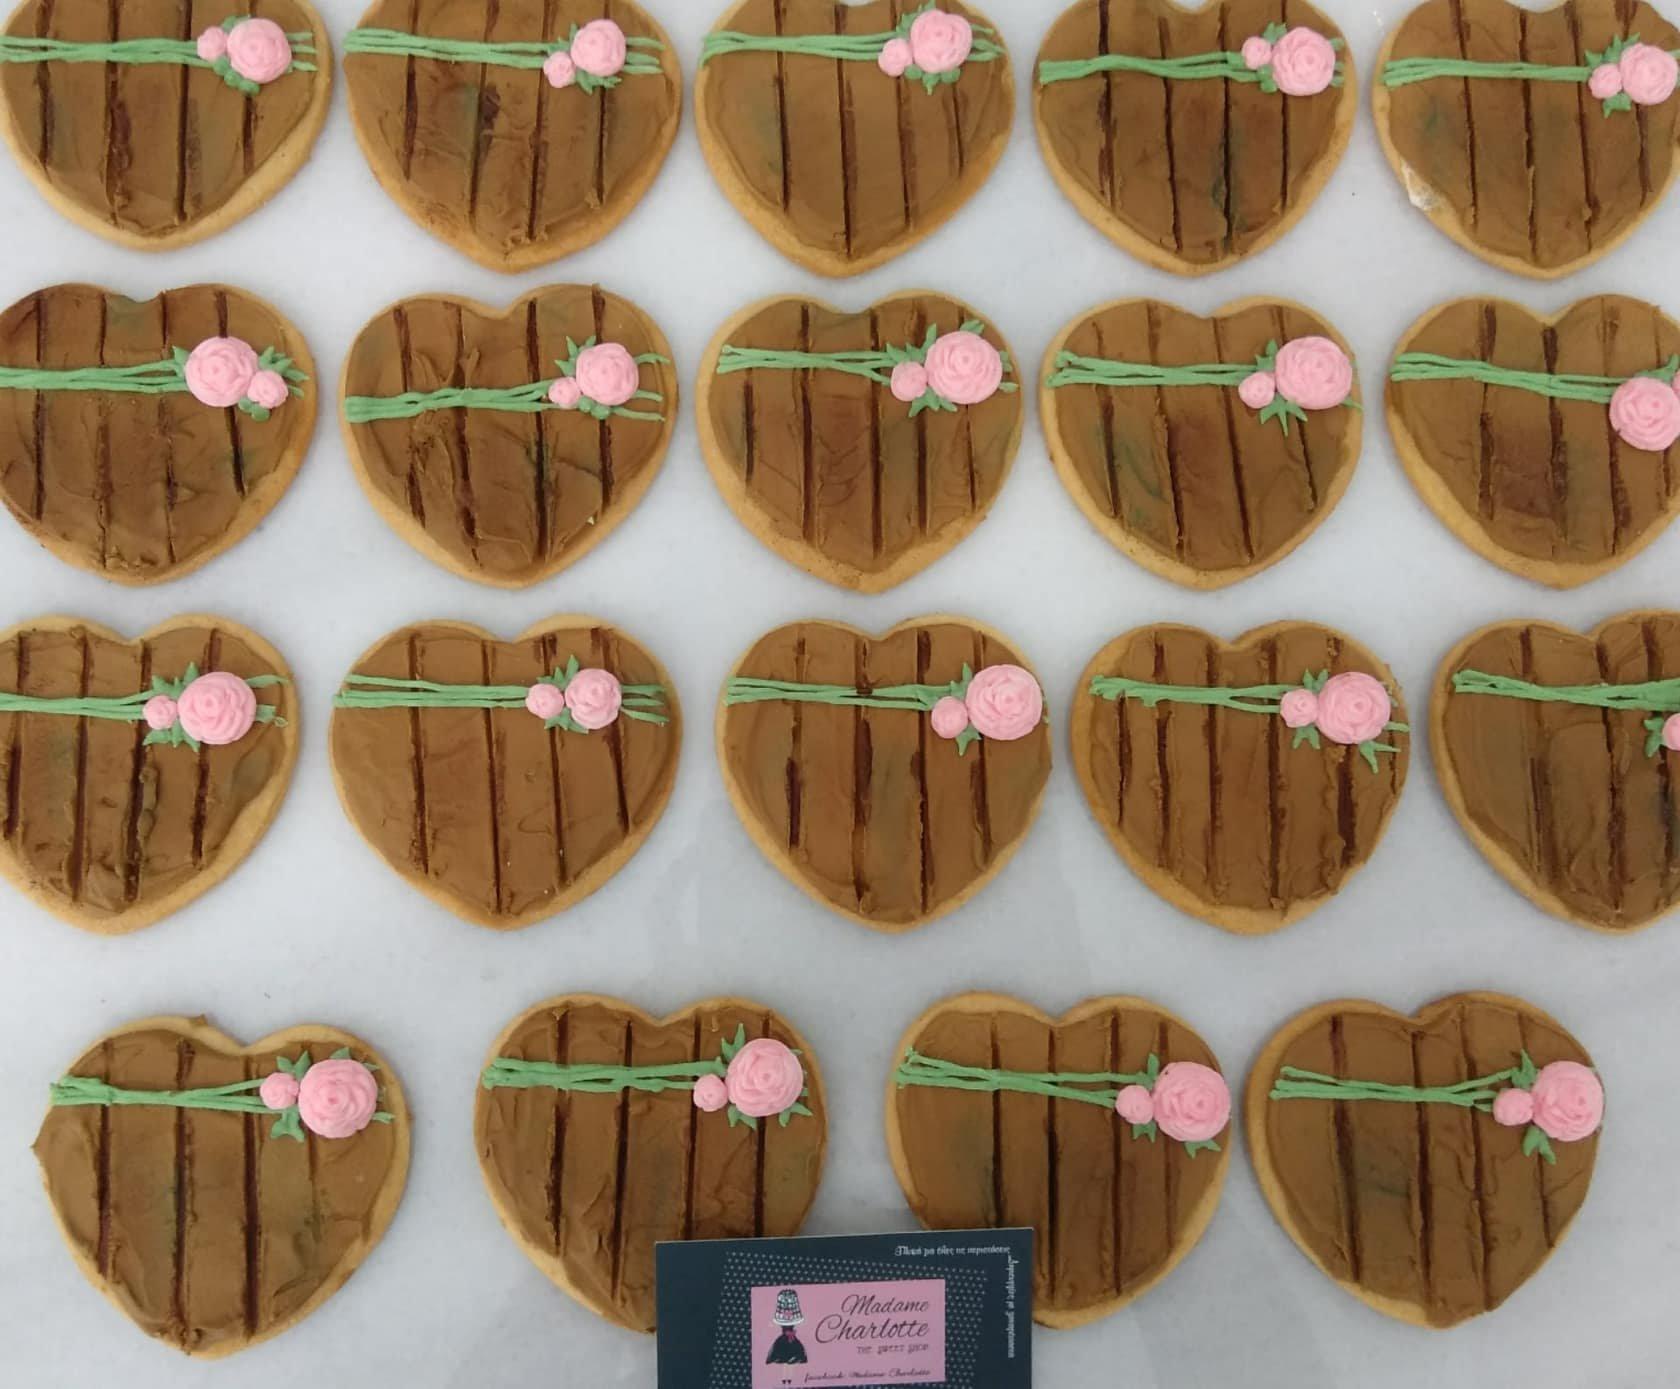 μπουφέ γλυκά γάμου cookies mr & mrs μπισκότα ζαχαρόπαστας, ζαχαροπλαστεία καλαμάτα madame charlotte, wedding cakes kalamata